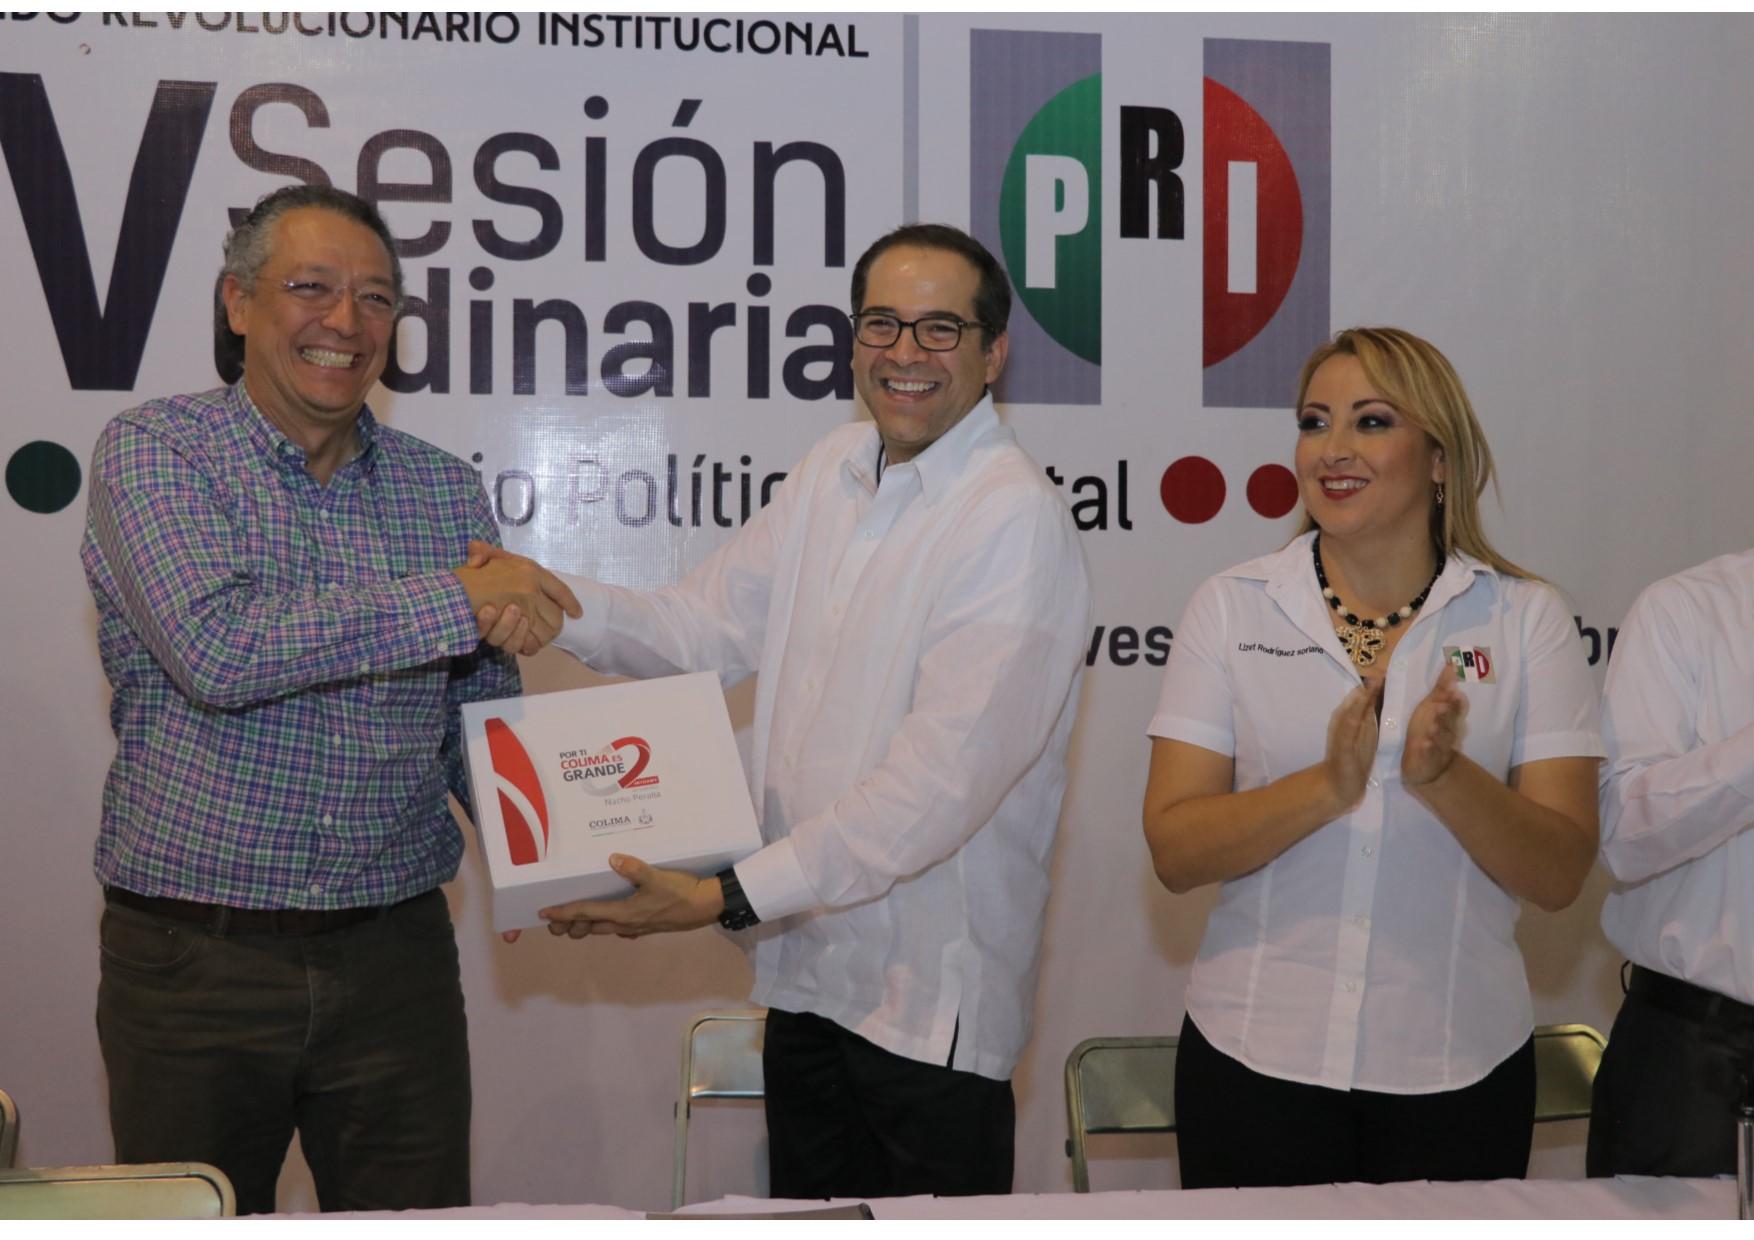 El PRI impulsa los grandes cambios del país y por ello triunfará en el 2018: Peralta Sánchez